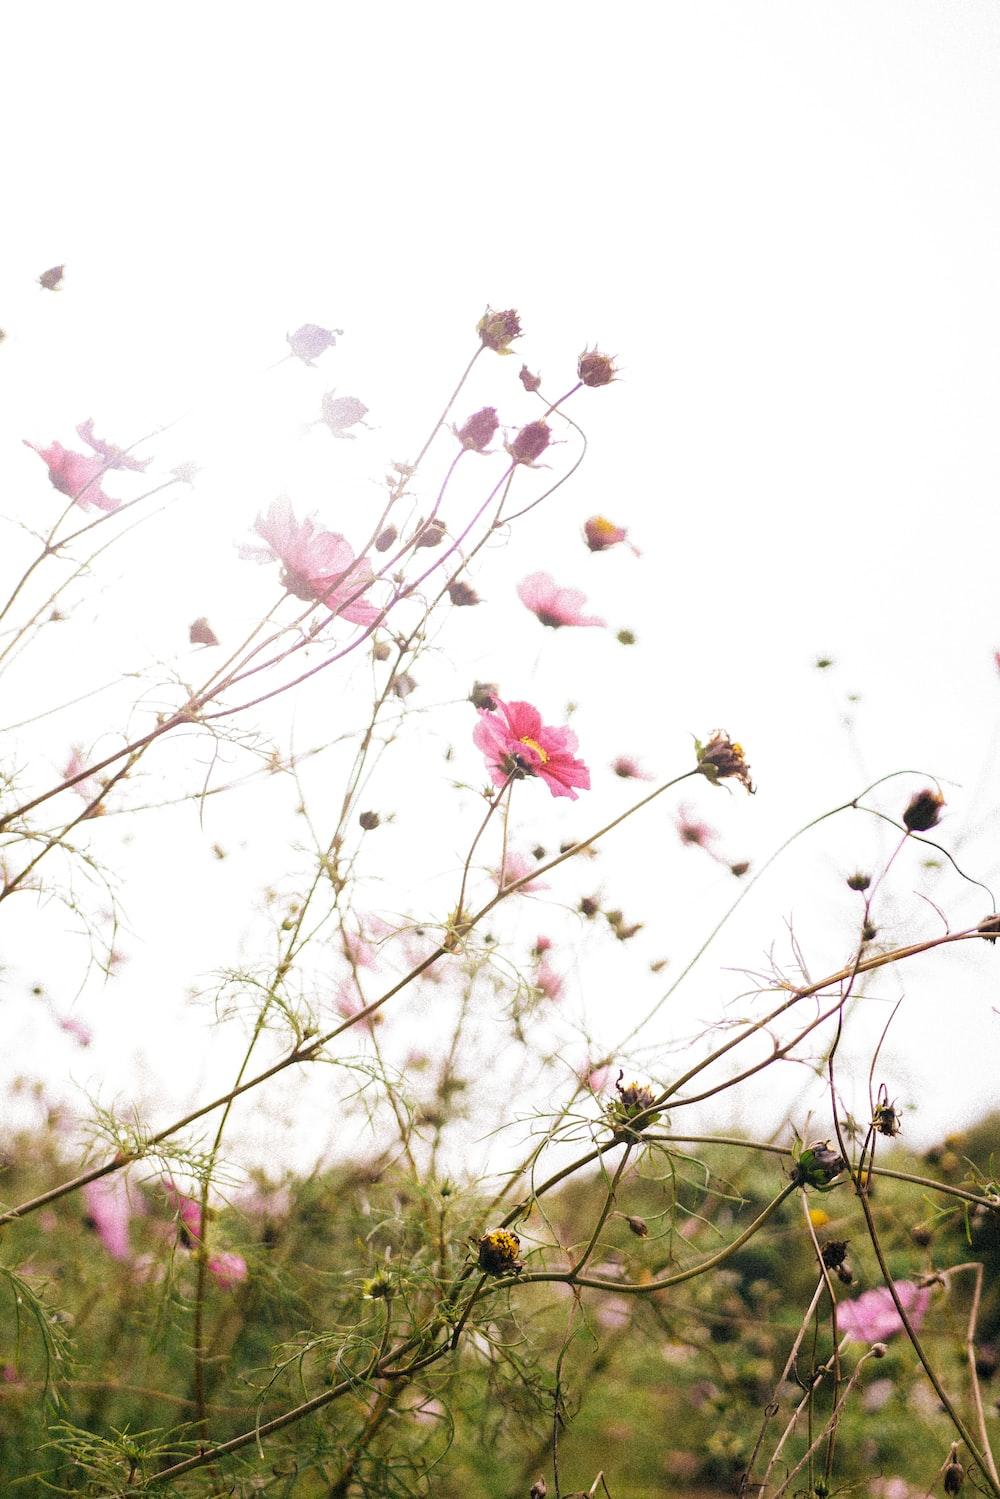 pink petaled flower illustration